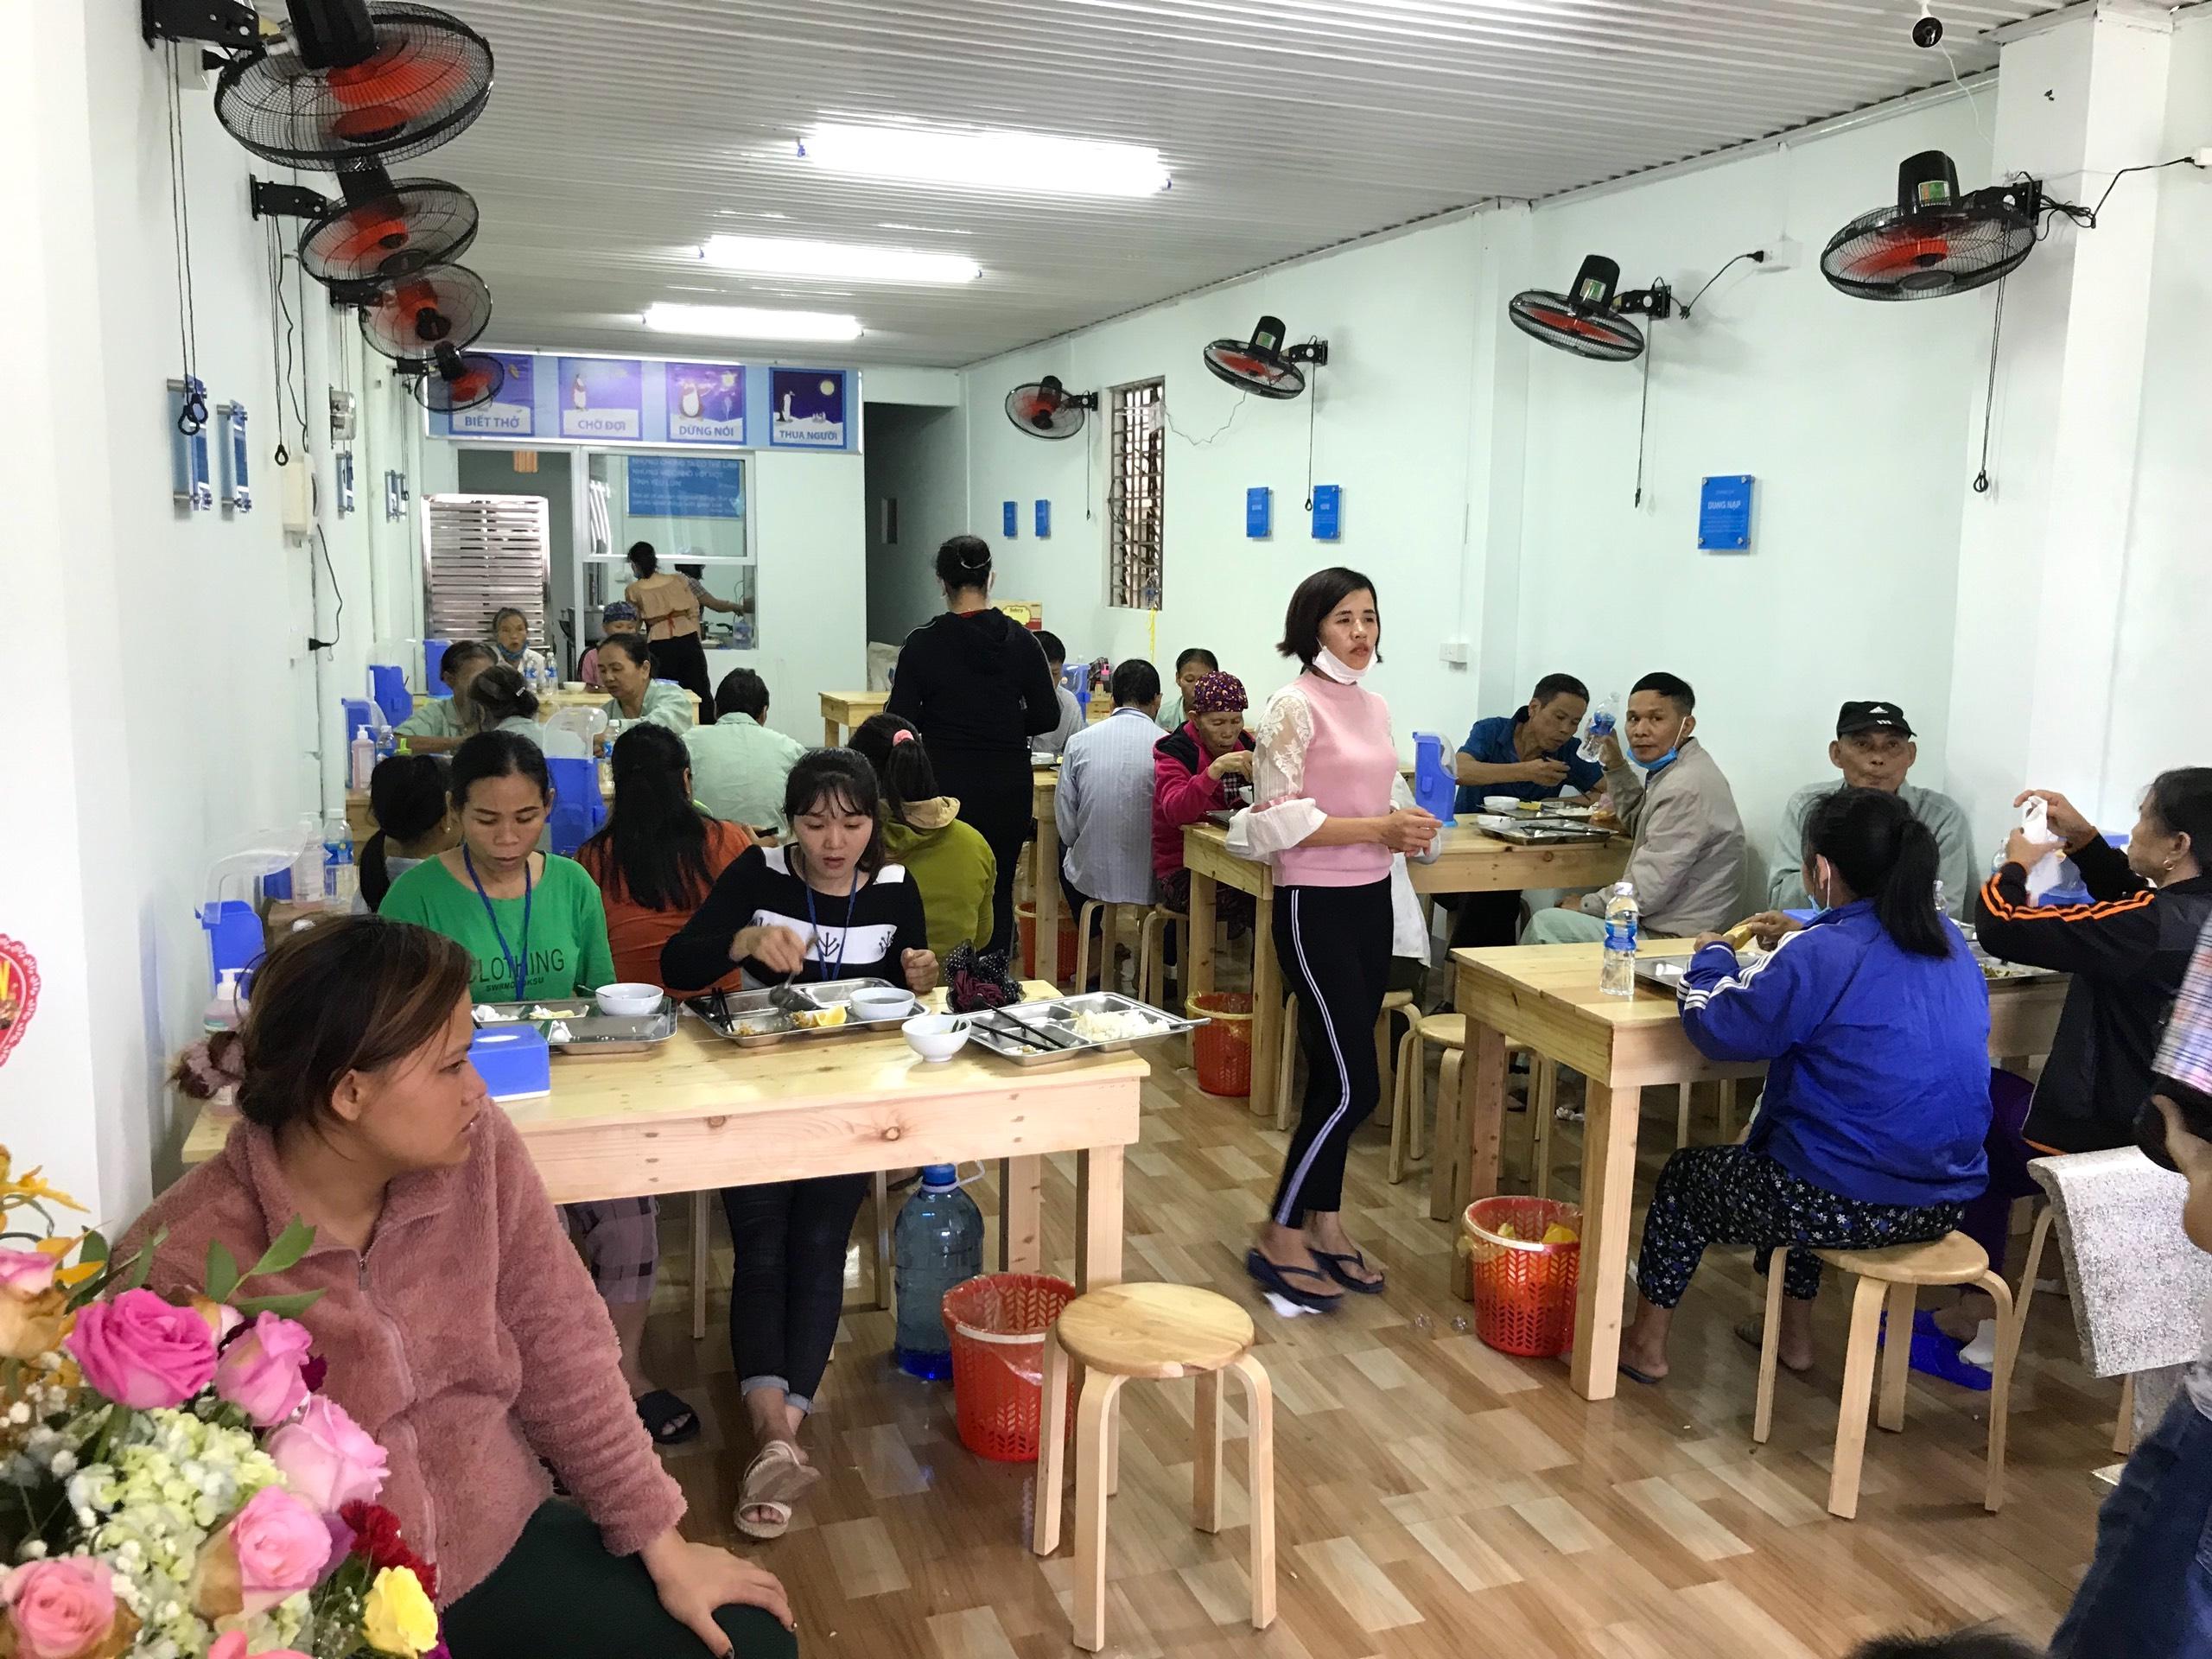 Quán cơm 2000 đồng đầu tiên ở Nghệ An: Ai không có tiền vẫn mời họ vào ăn - Ảnh 15.